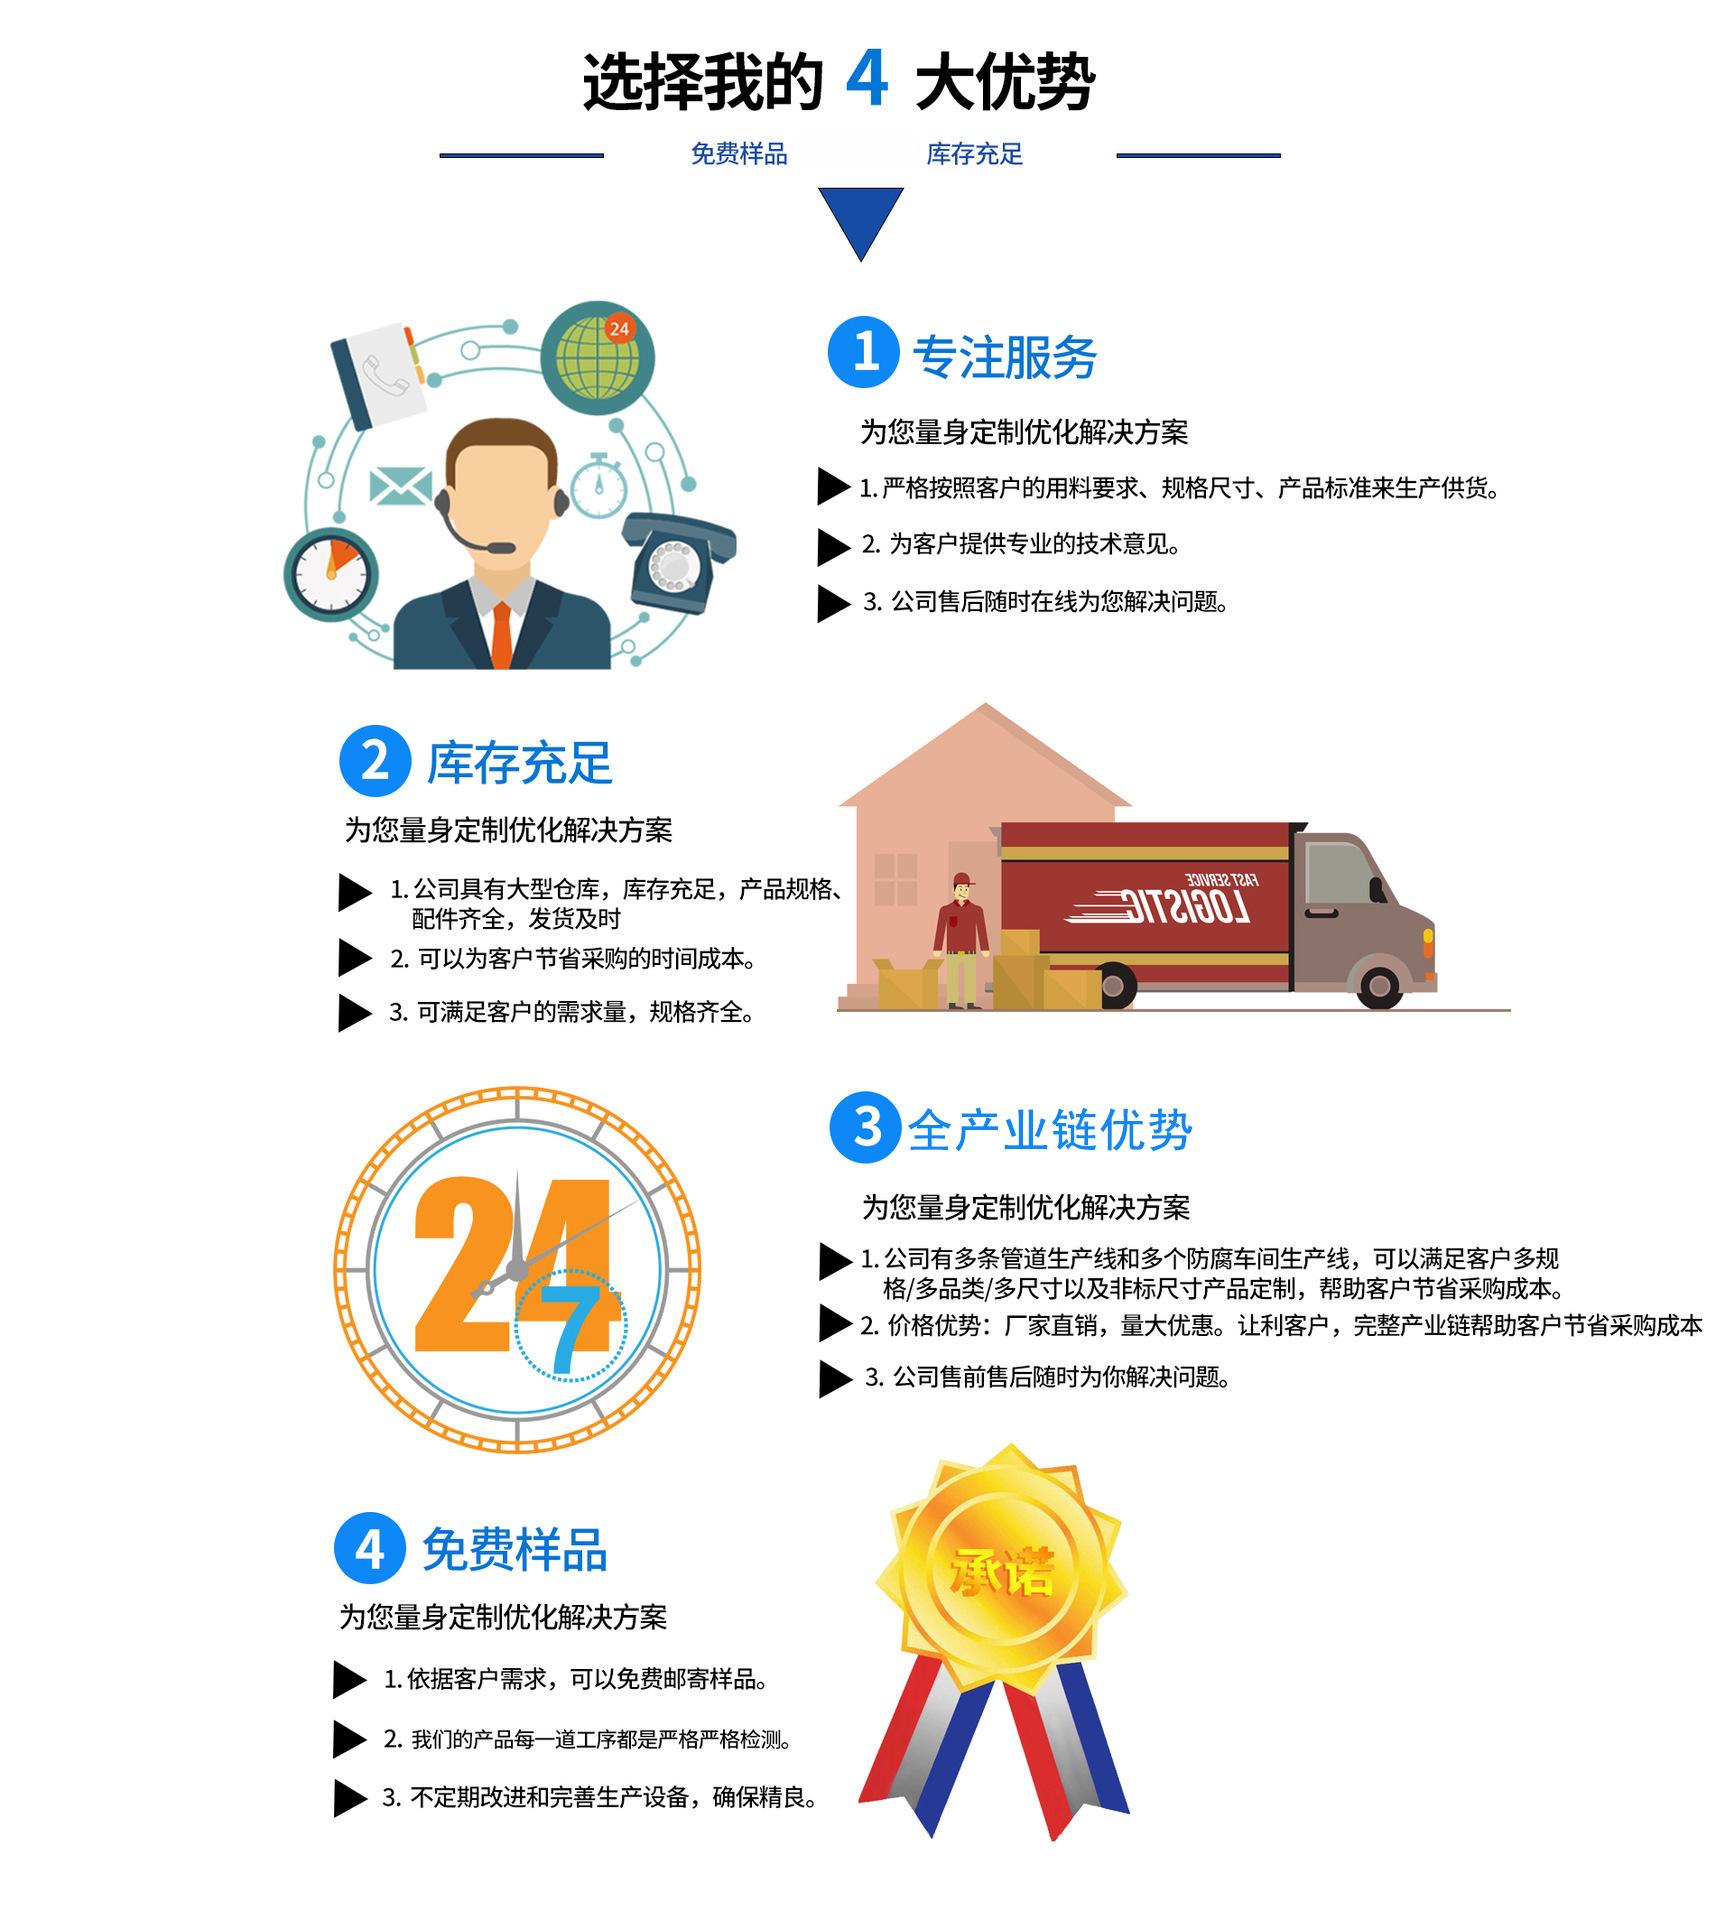 沧州万荣防腐保温管道有限公司